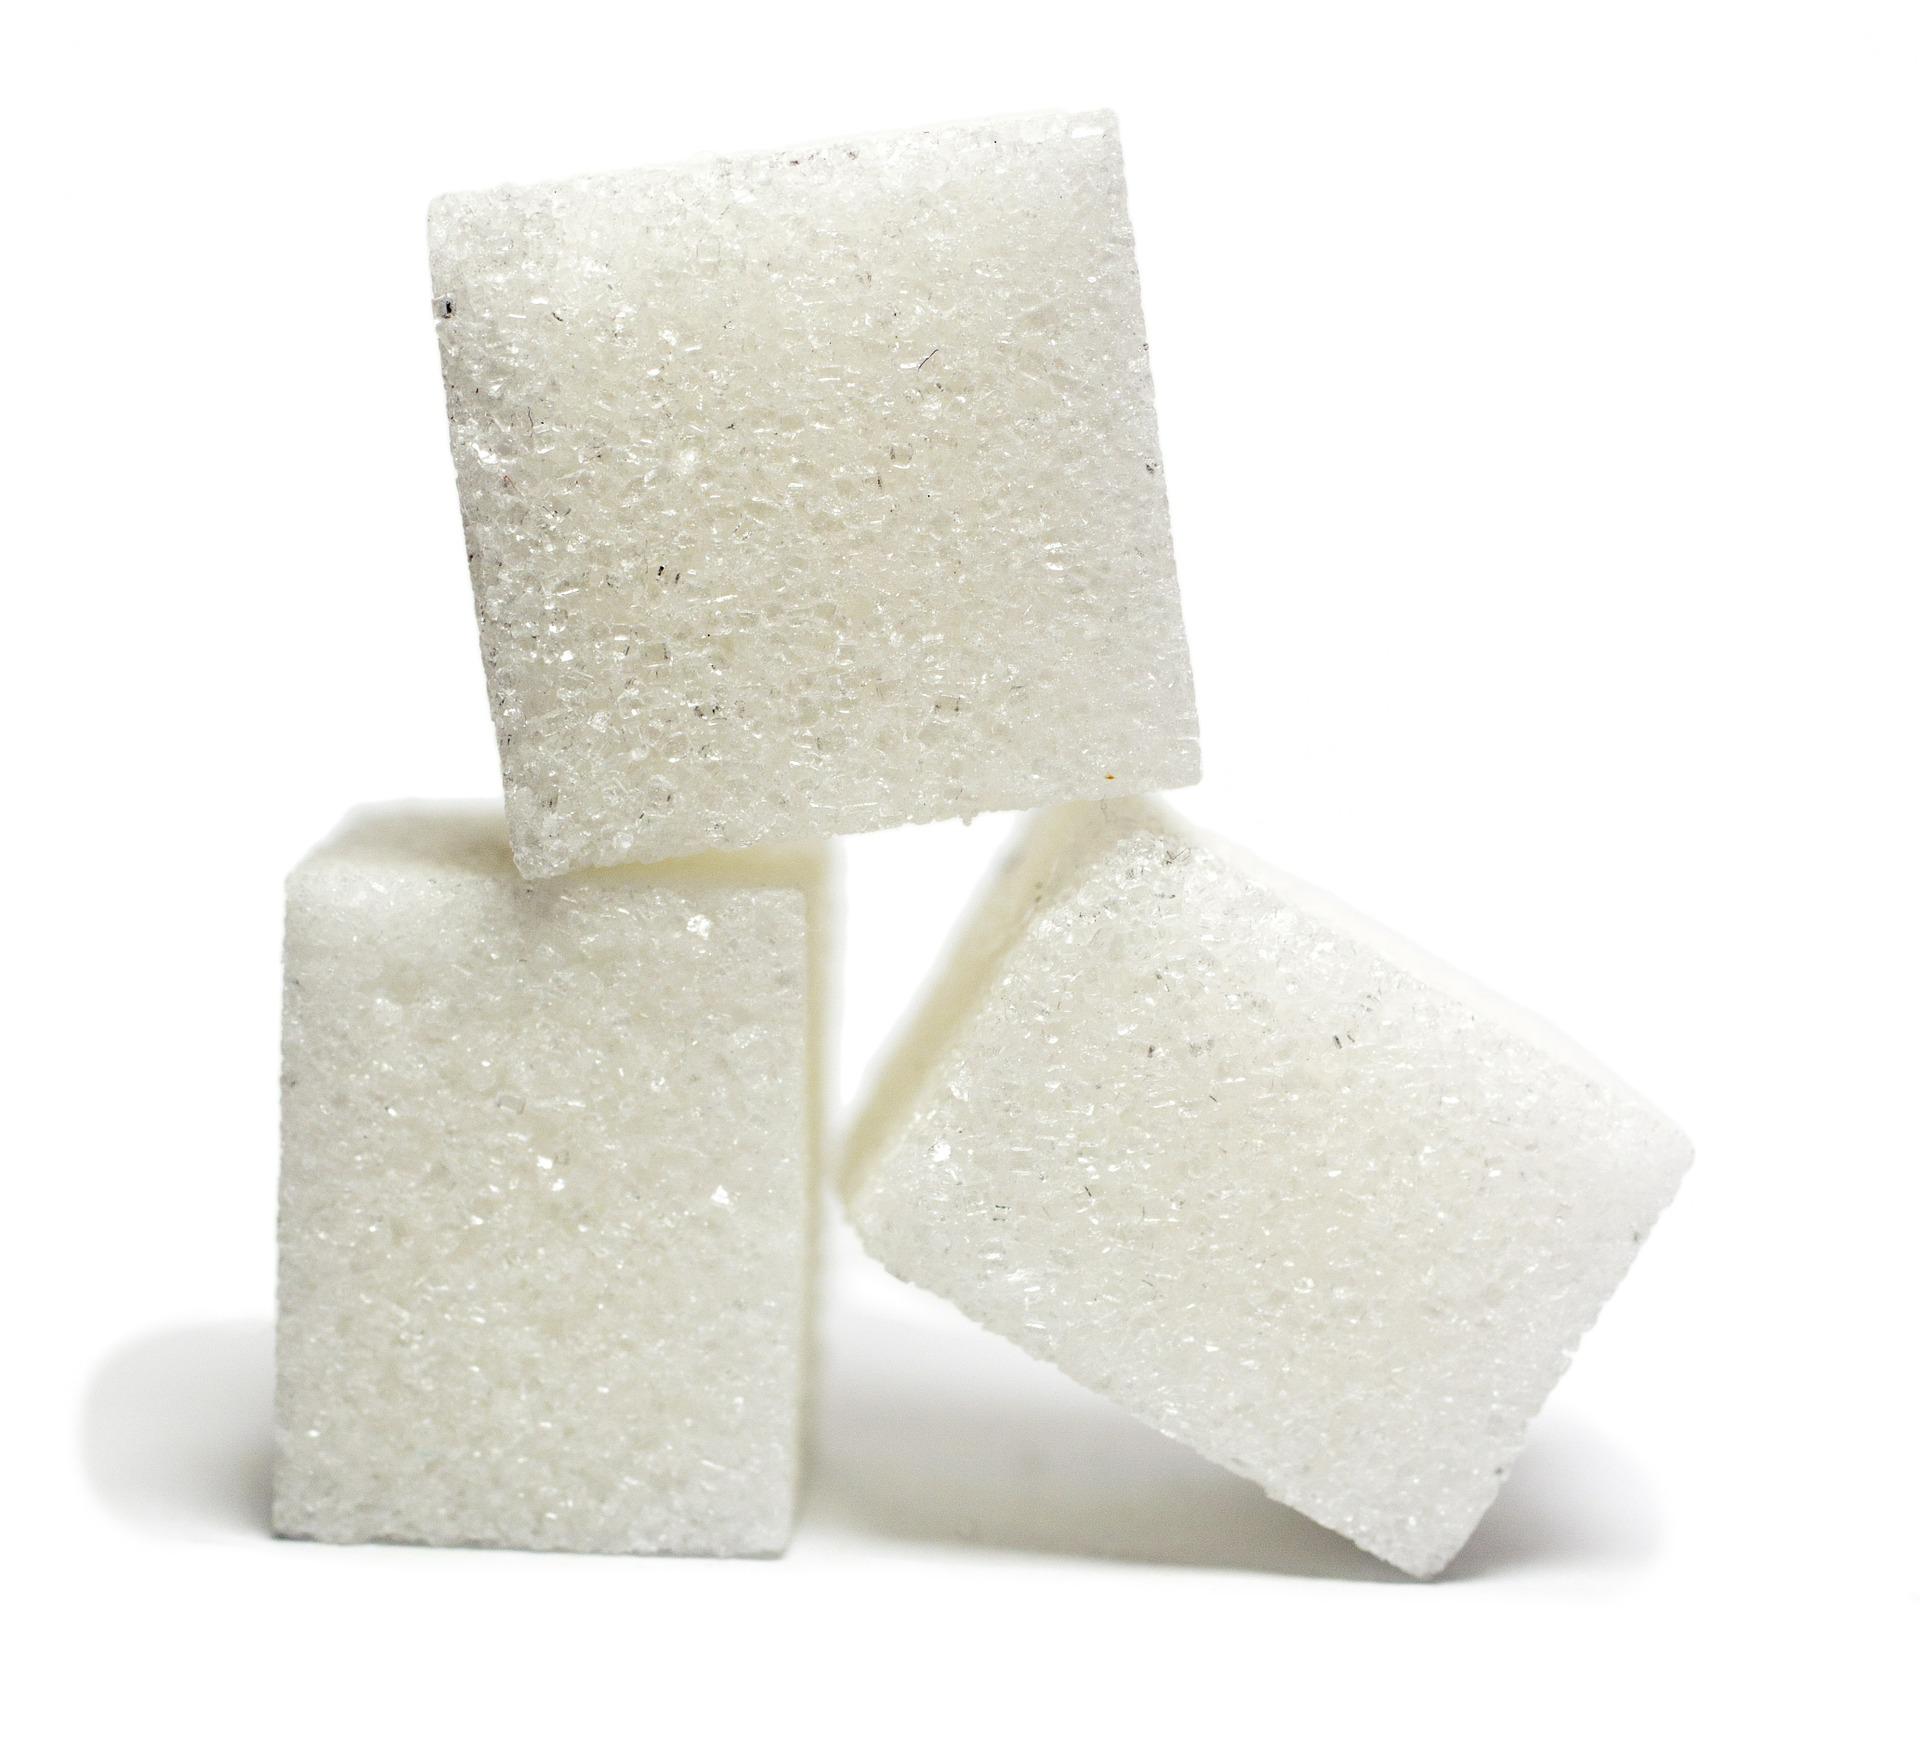 Ukryty cukier w produktach spożywczych